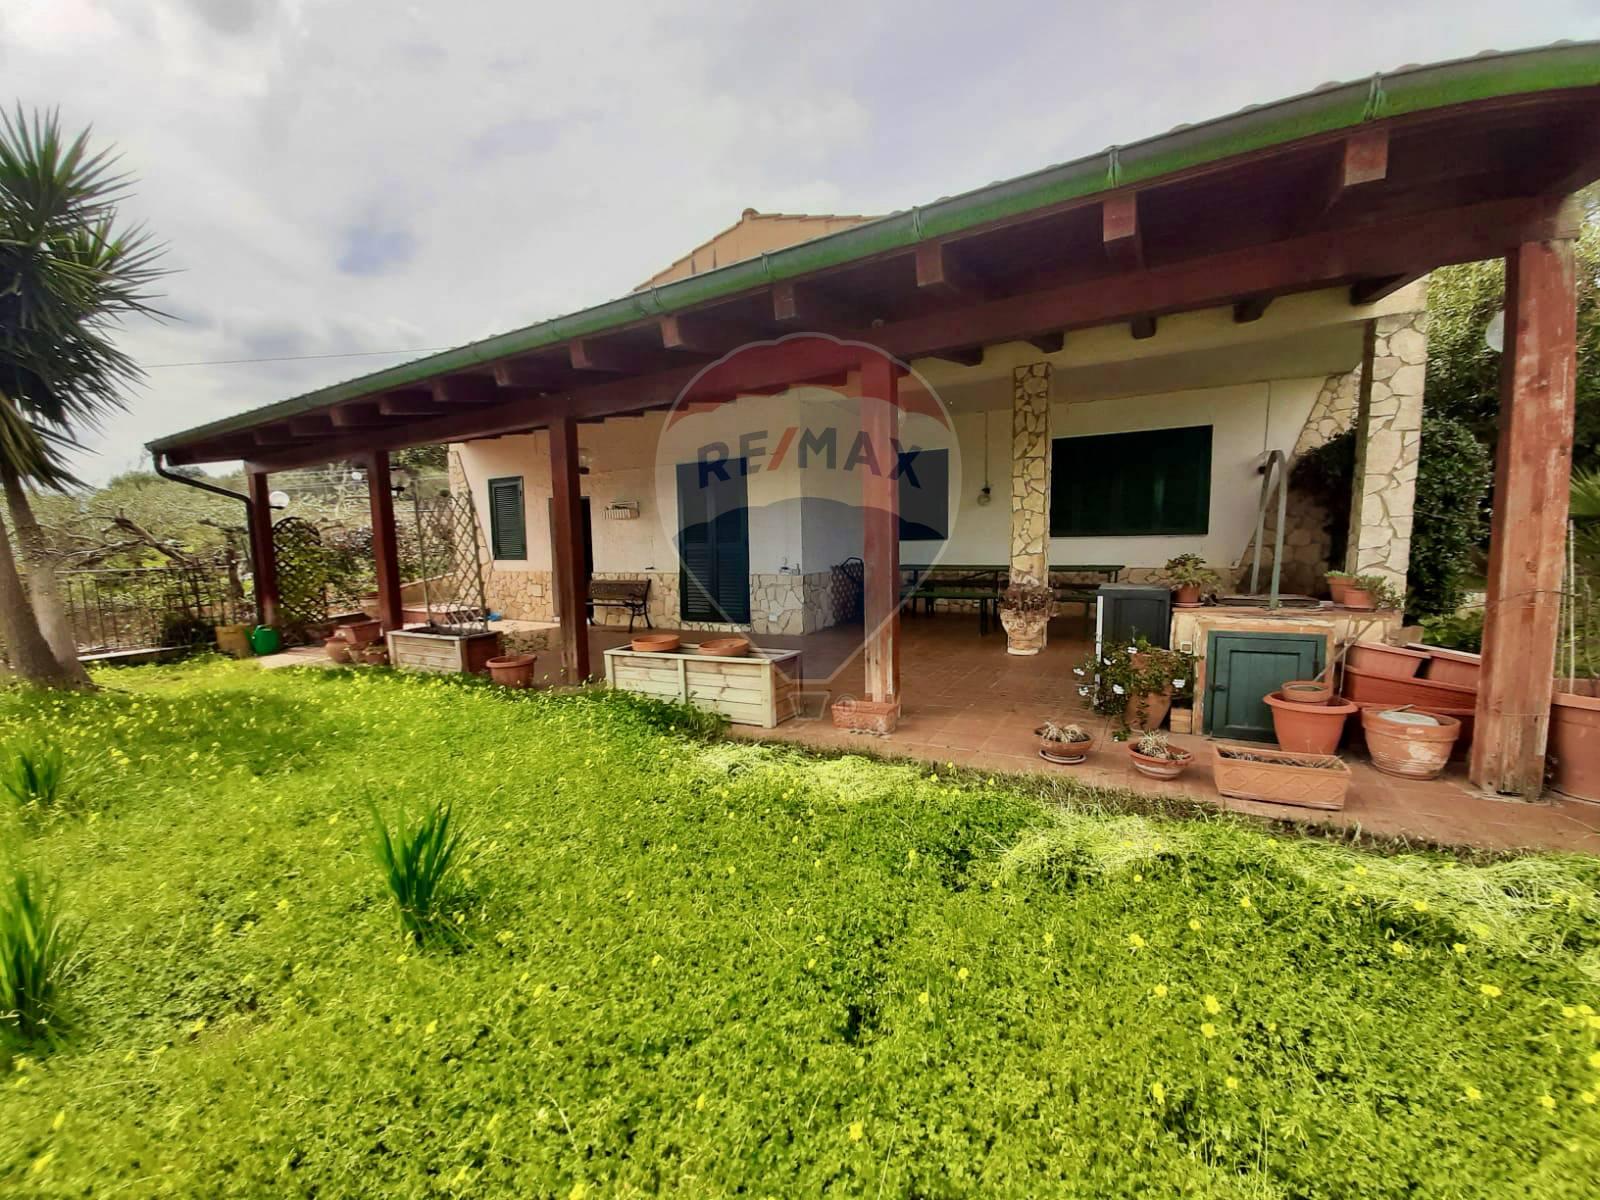 Villa in vendita a Caltagirone, 3 locali, prezzo € 105.000 | CambioCasa.it